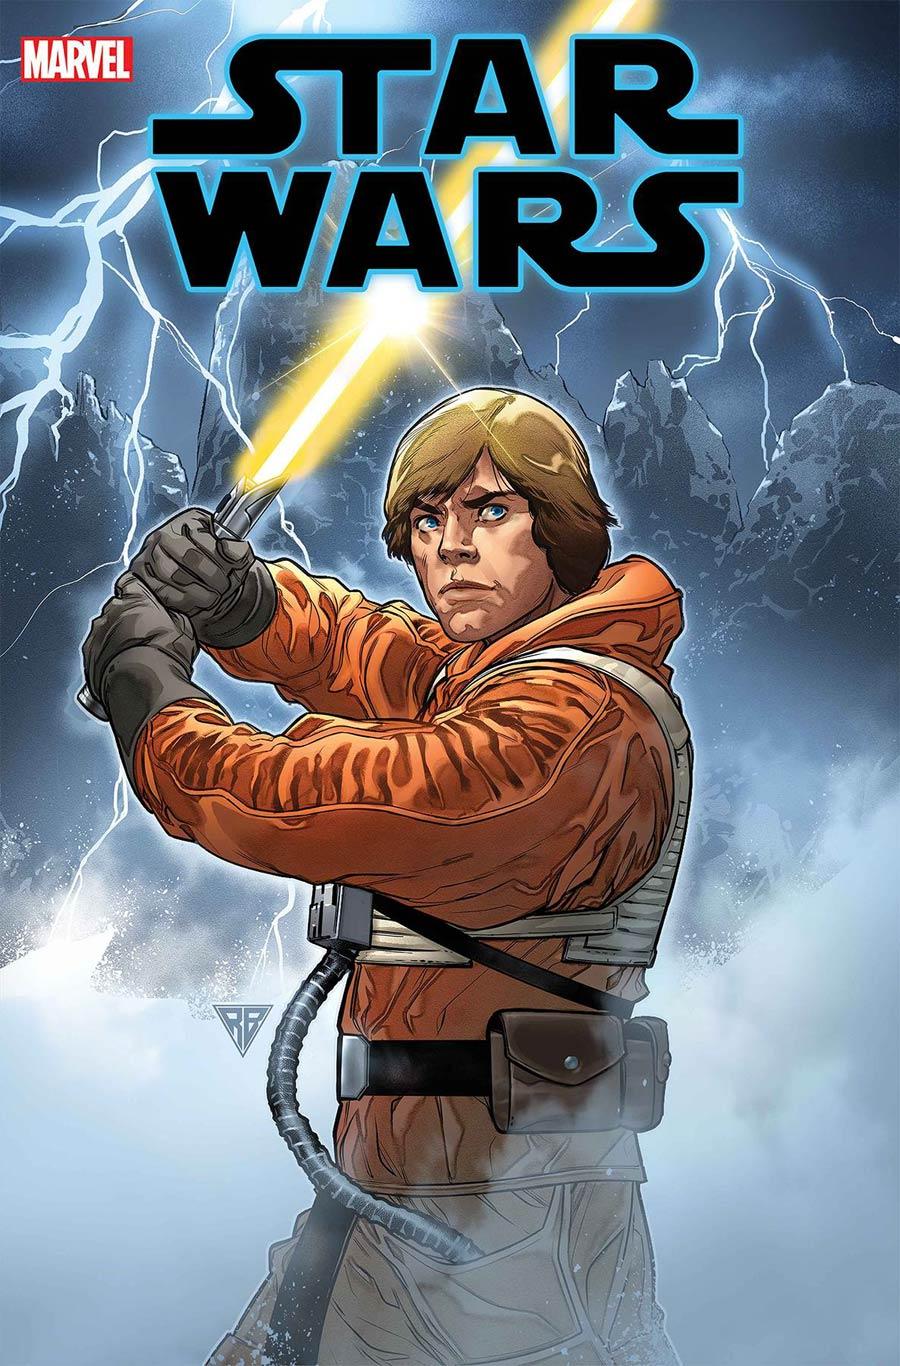 Star Wars Vol 5 #6 Cover A Regular RB Silva Cover